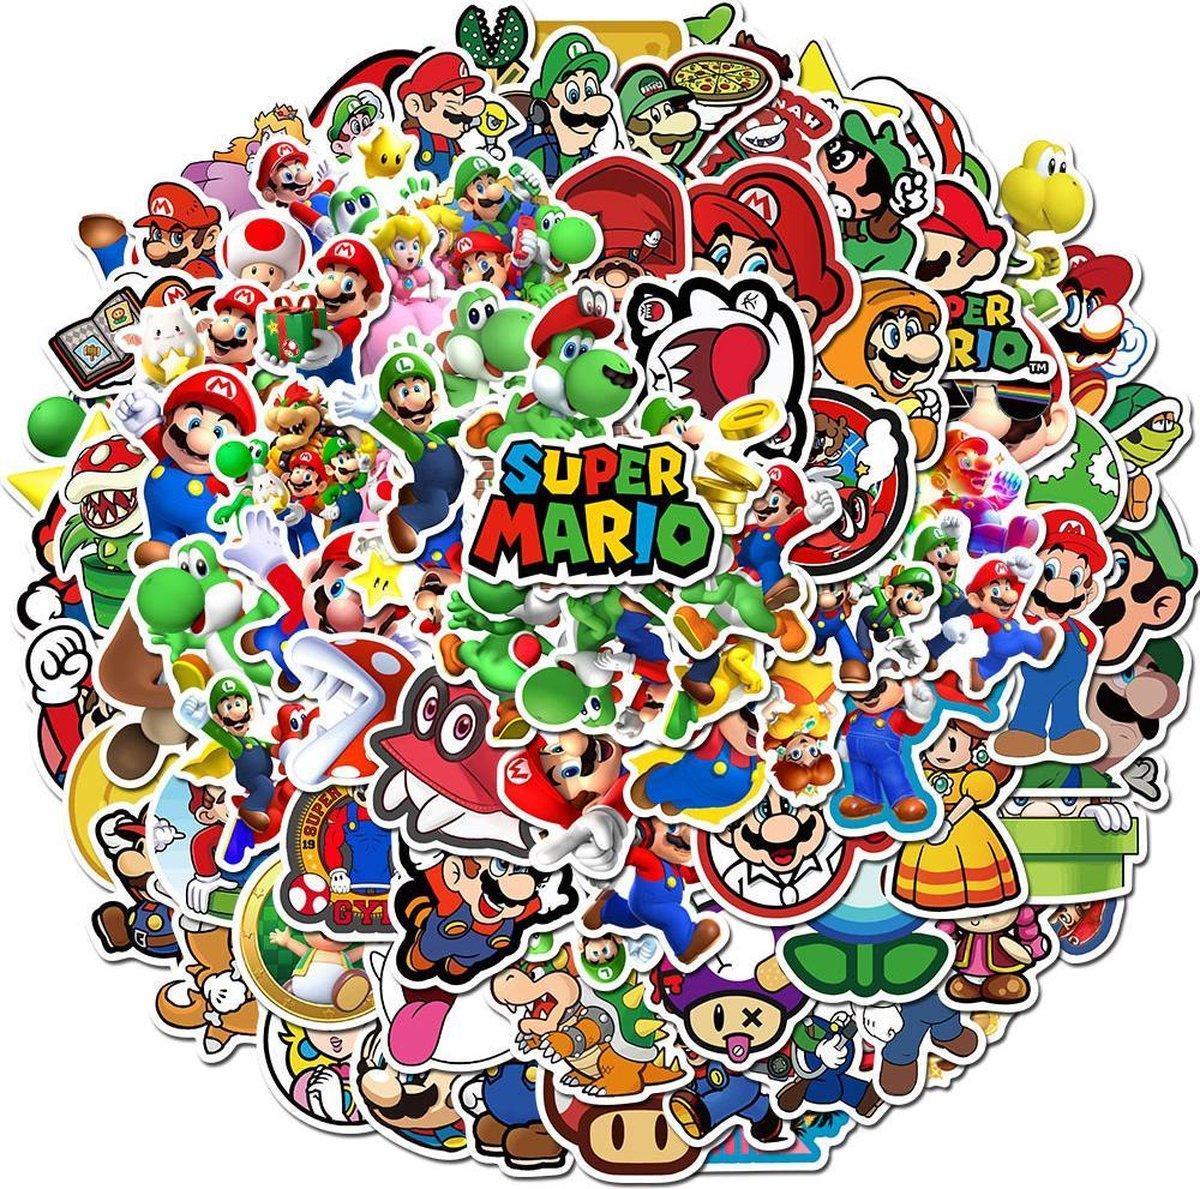 100 Super Mario stickers - Yoshi, Peach, Luigi - Voor laptop/nintendo/muur/agenda etc.